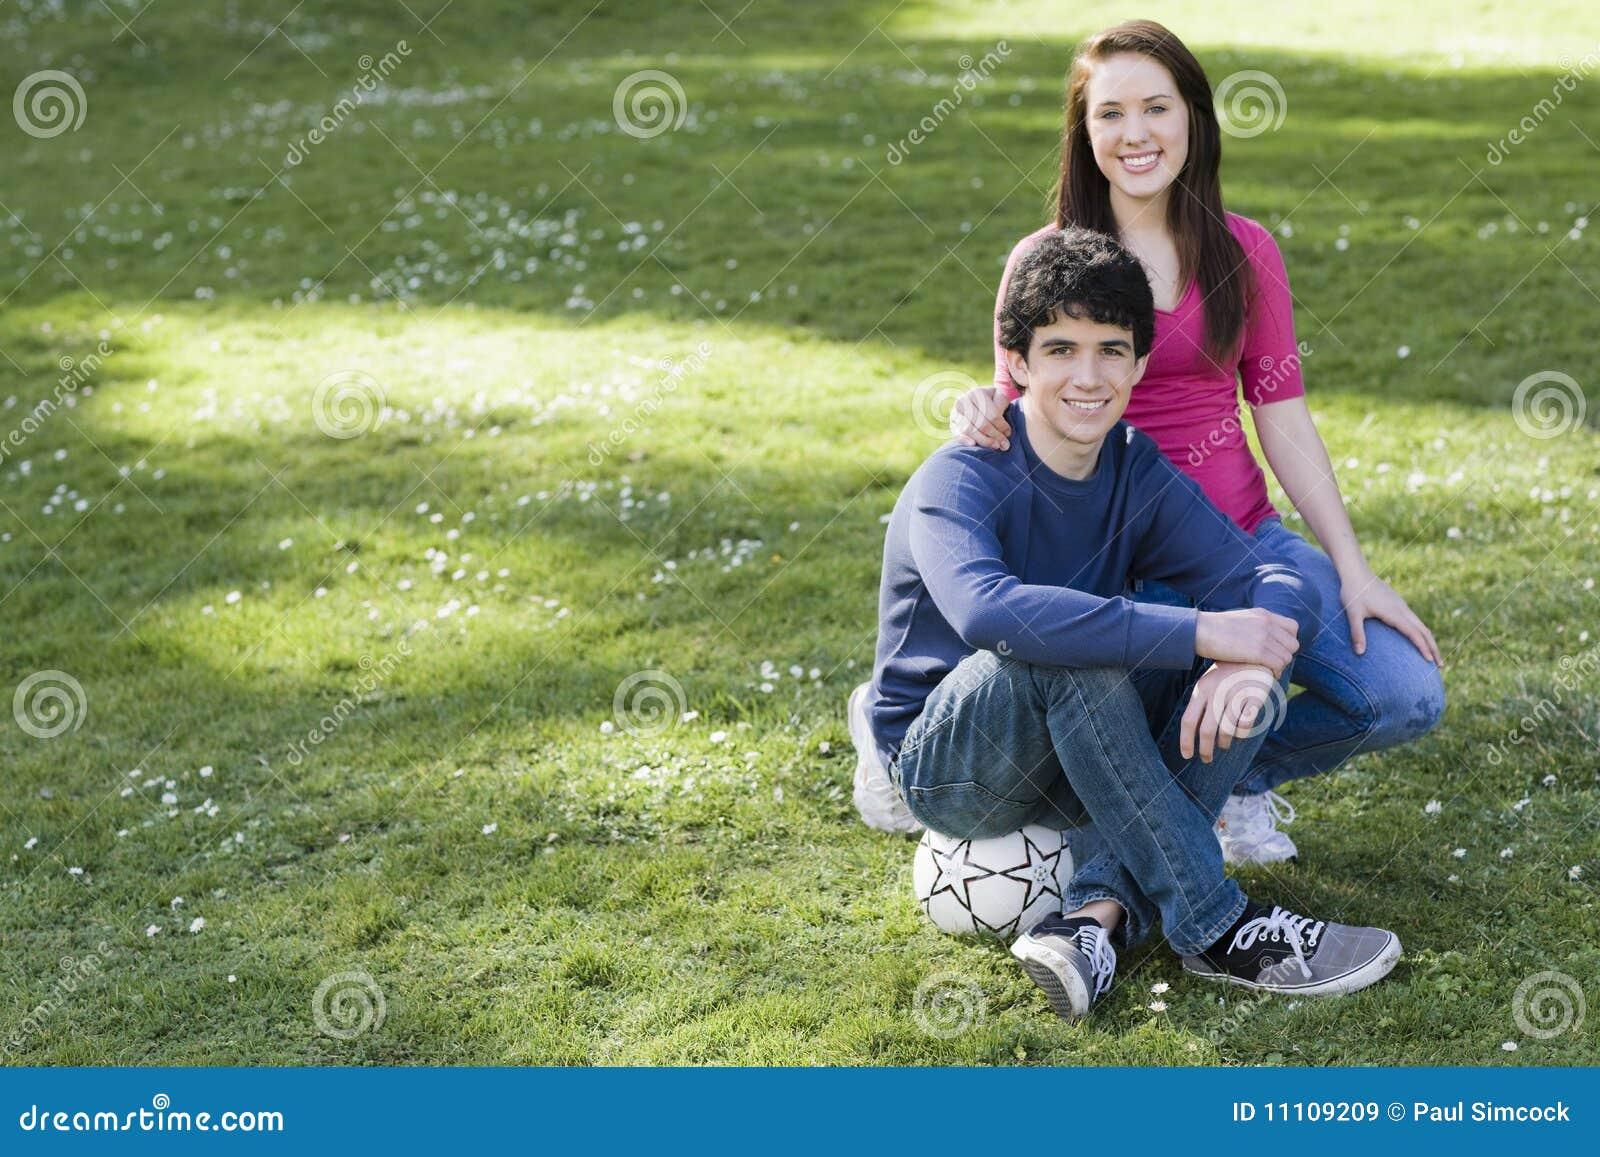 Zwei lächelnde Jugendliche mit Fußball-Kugel